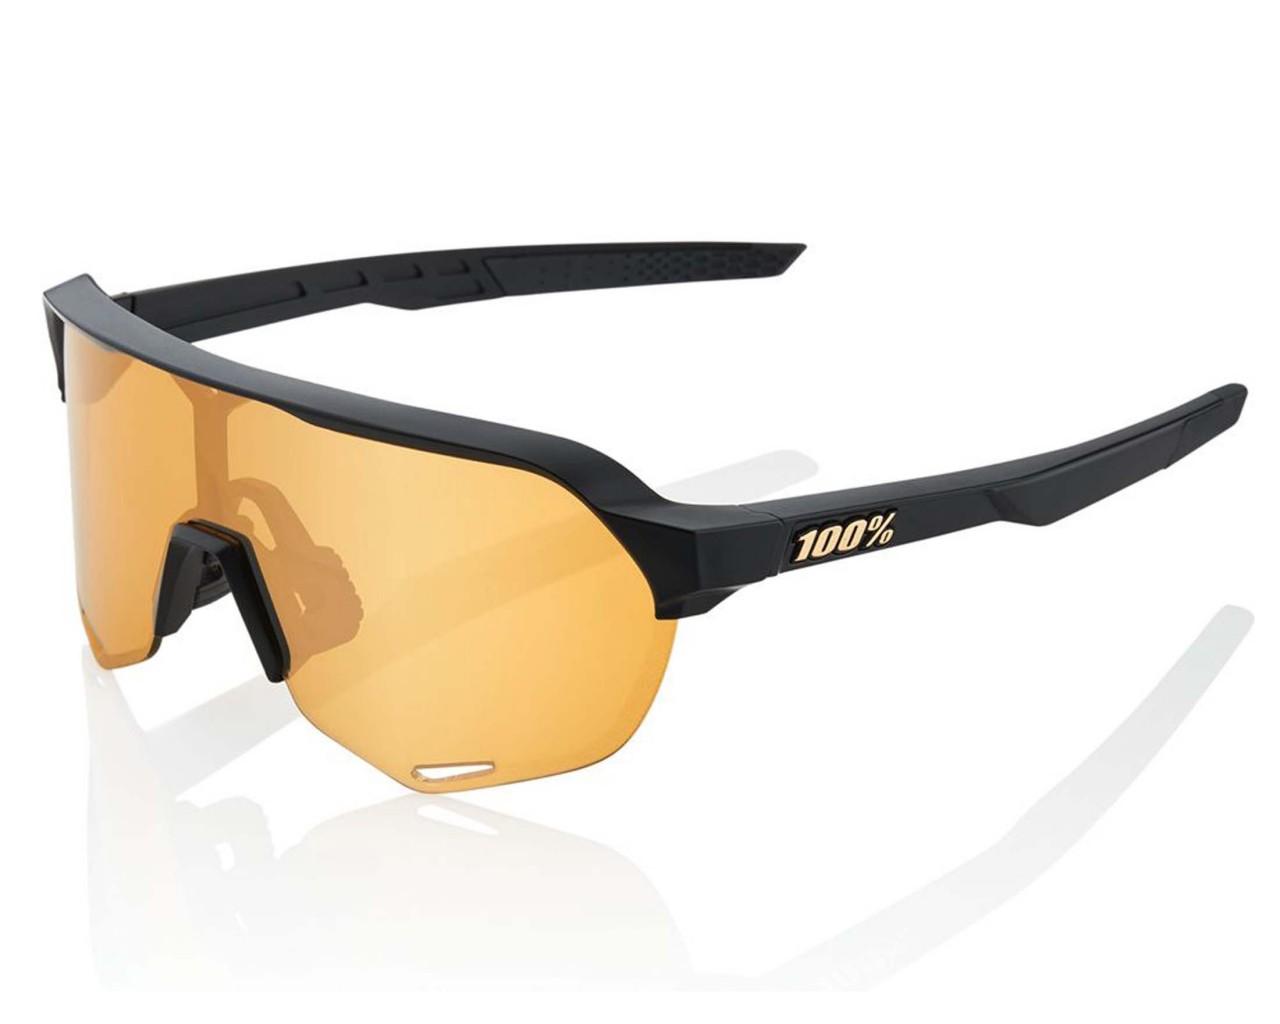 100% S2 - Multilayer Mirror Sports sunglasses | matte black